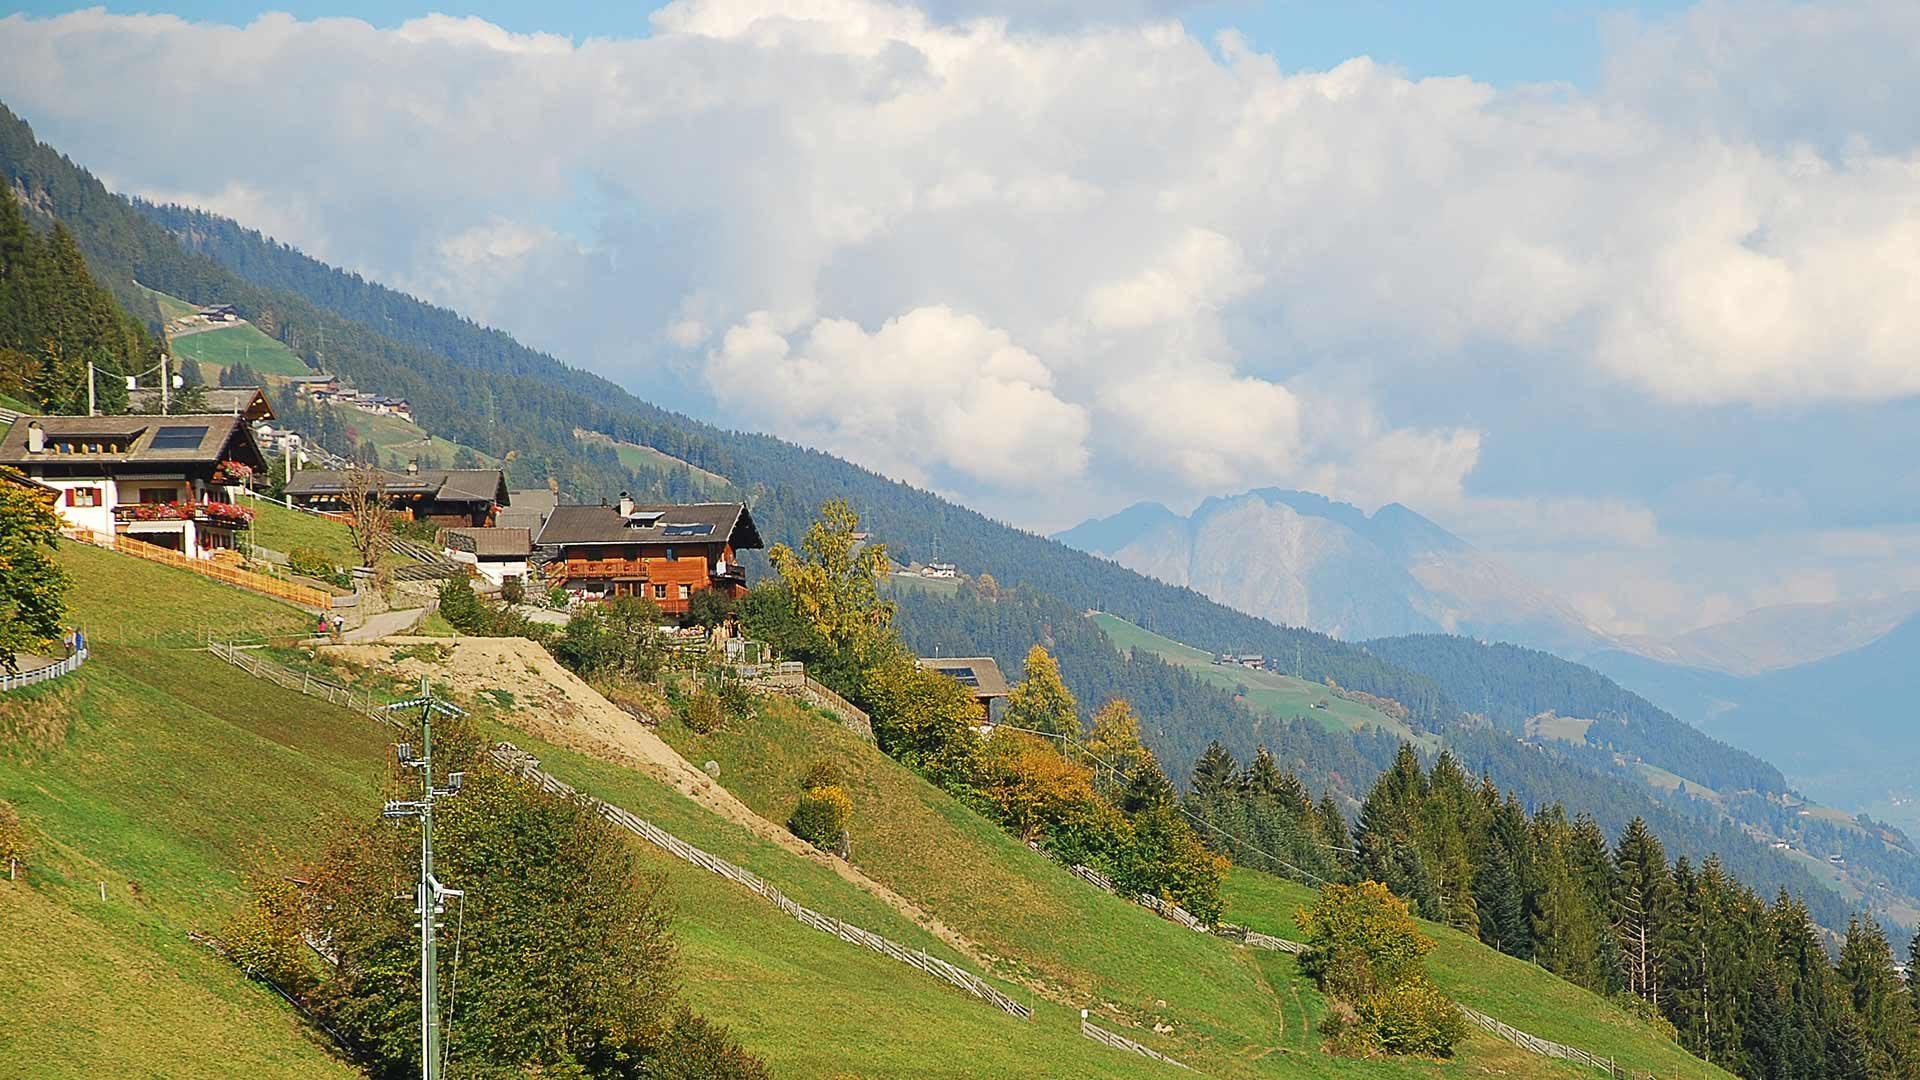 Ultimo in Alto Adige